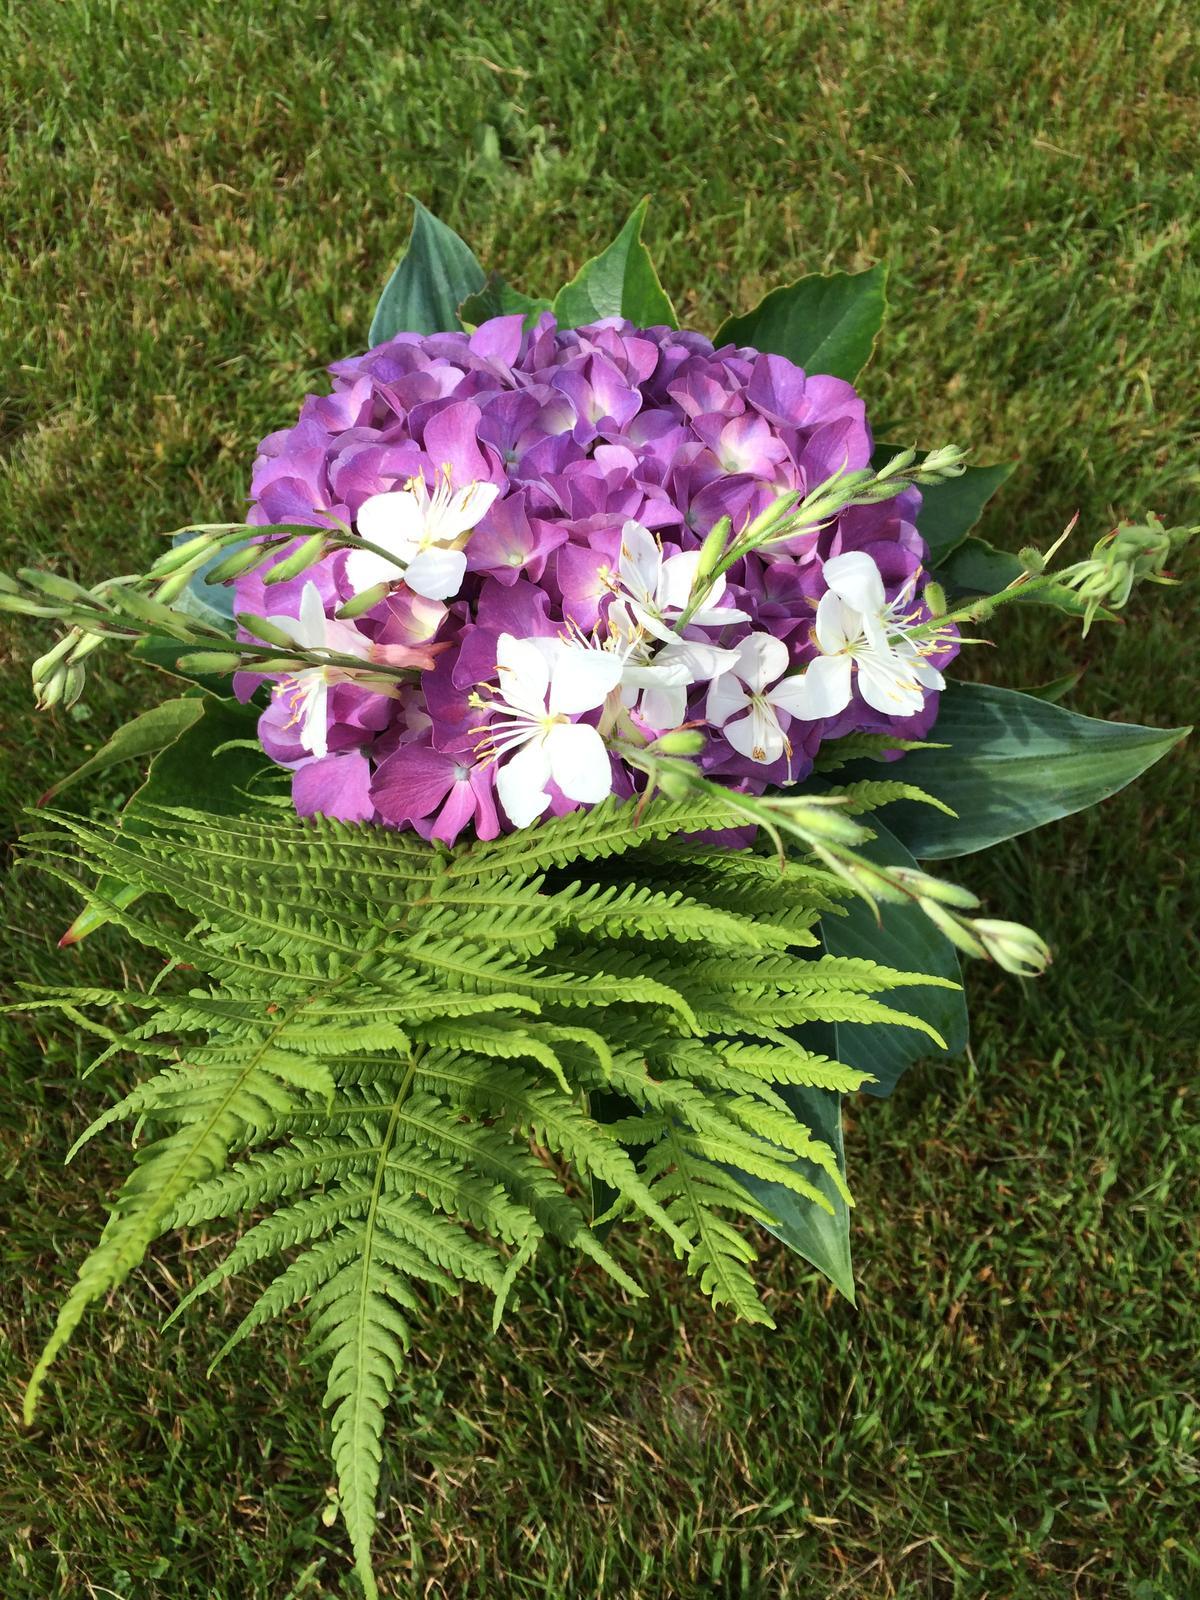 Dekorace z květin Pro radost - Obrázek č. 58